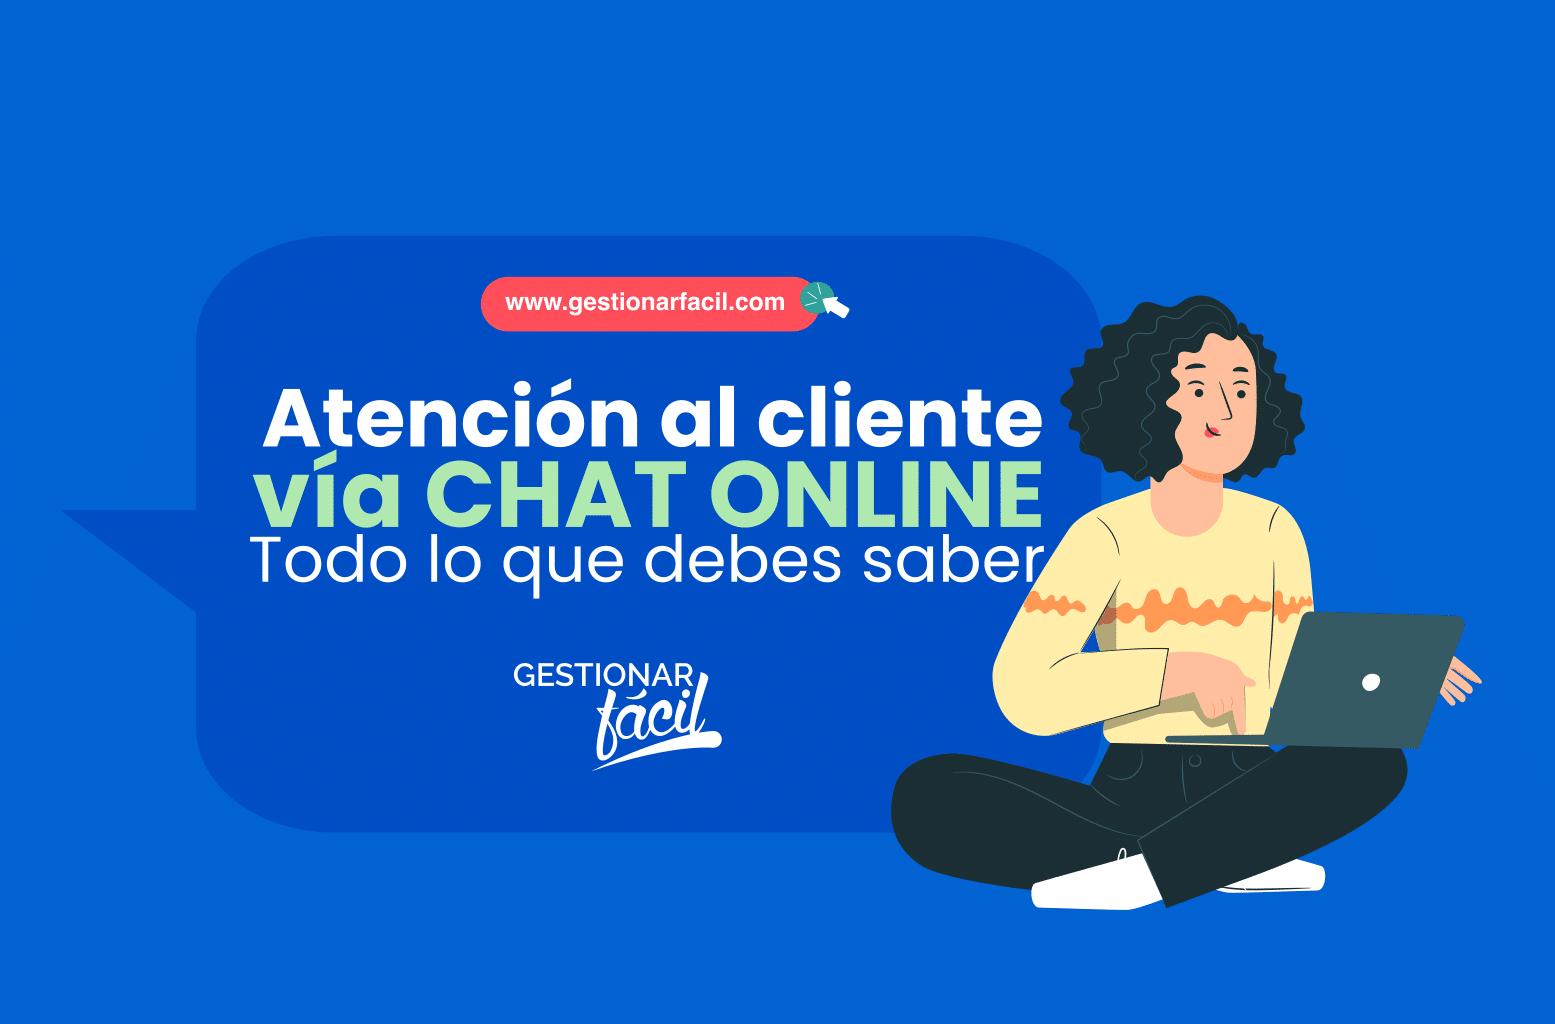 ¿Qué es la atención al cliente vía chat online?